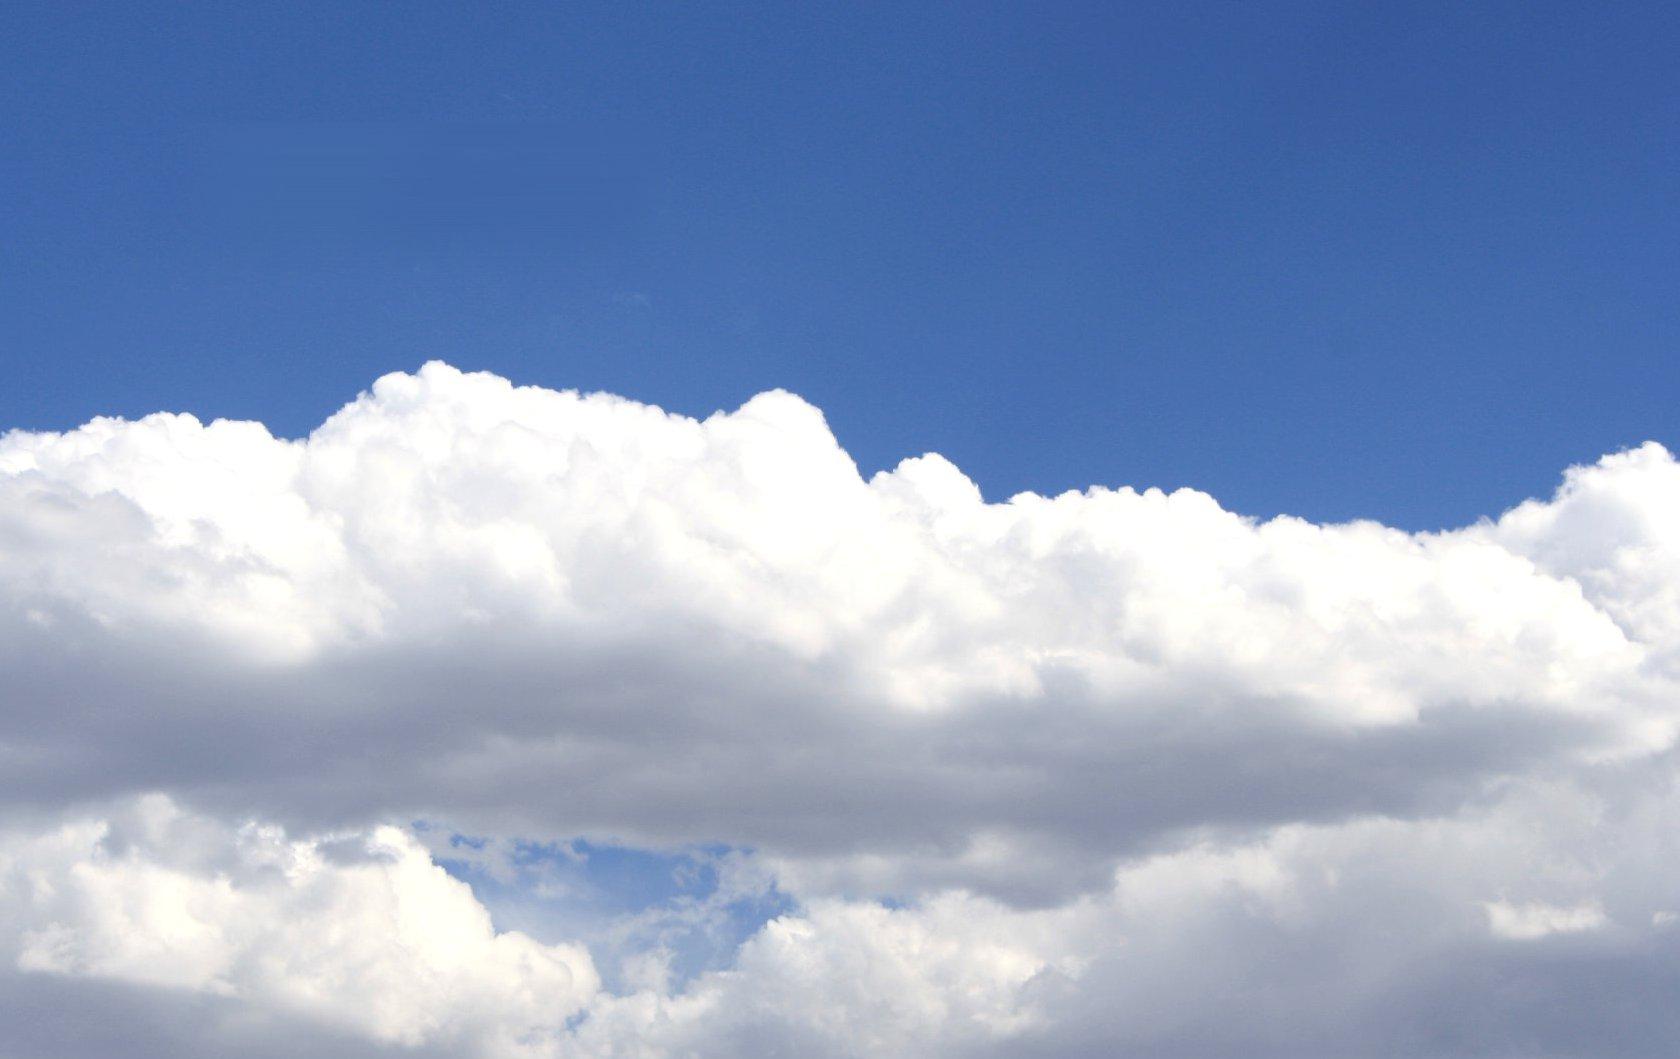 Cloud Cotton Background